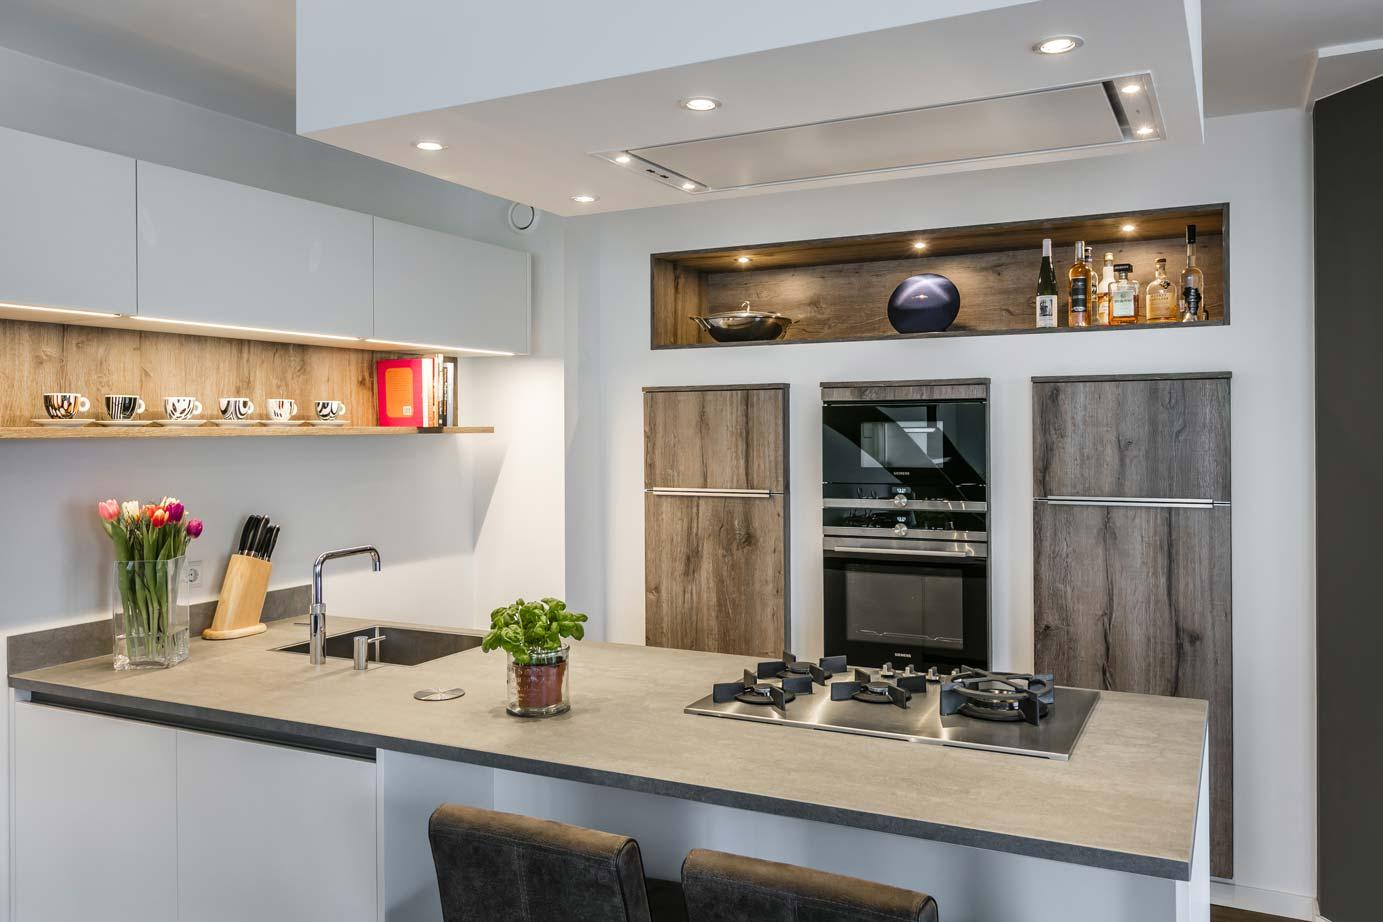 Keuken Schiereiland Met : Een l keuken met veel opbergruimte wooning